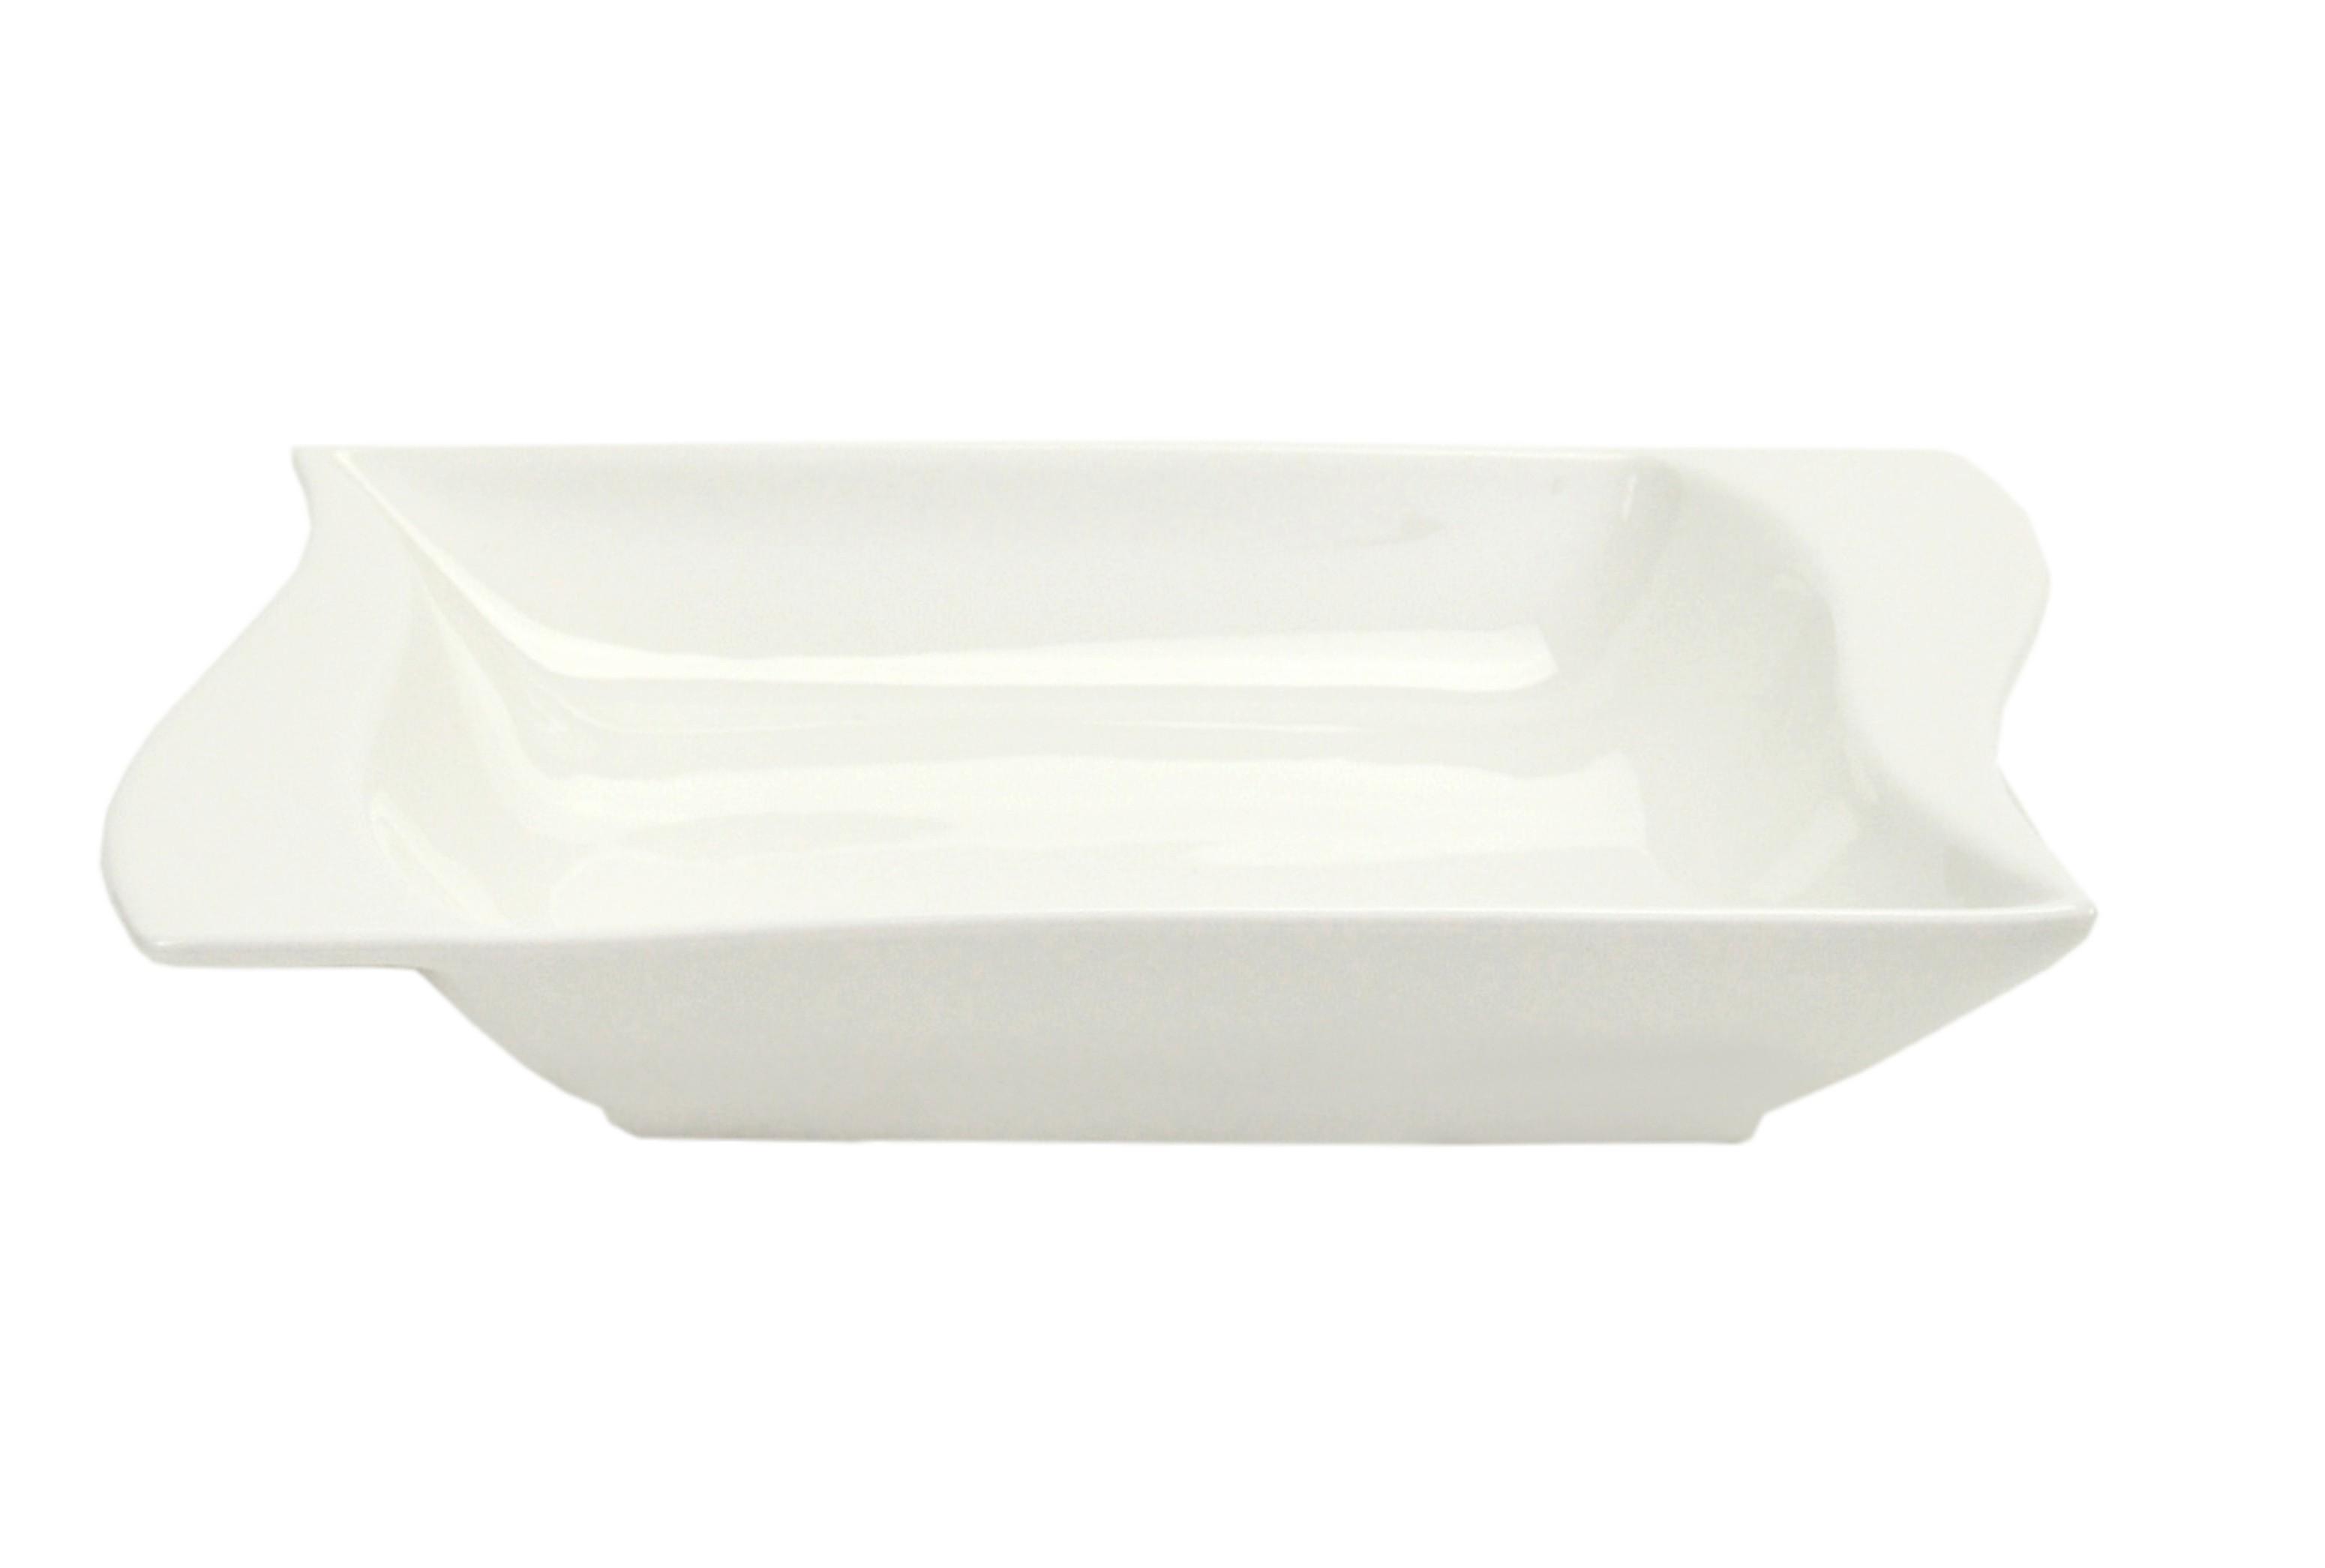 tafelservice harmony 24tlg eckig porzellan f r 12 personen wei porzellan tafelservice ohne dekor. Black Bedroom Furniture Sets. Home Design Ideas